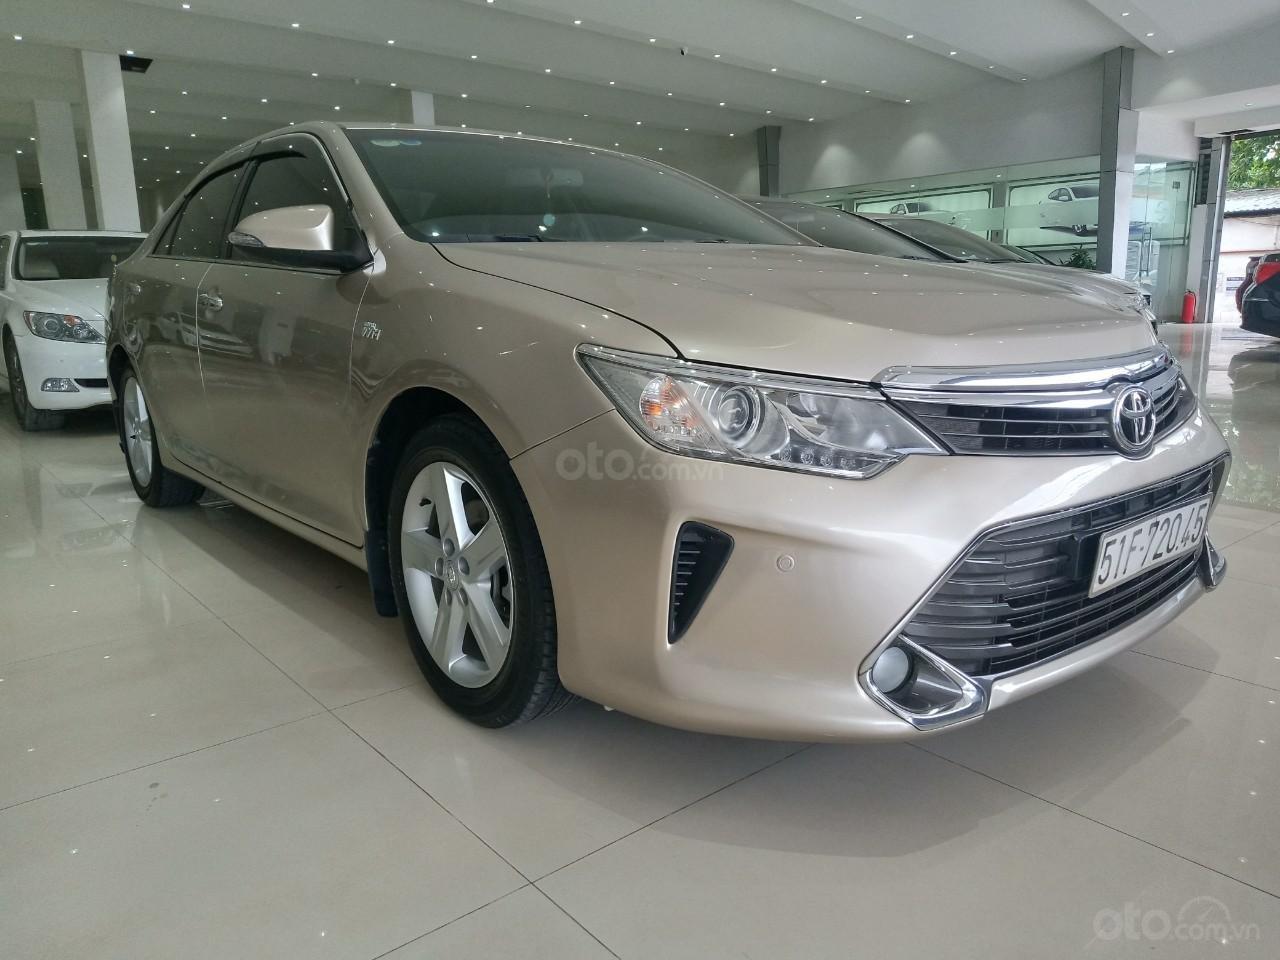 Bán xe Toyota Camry 2.5Q đời 2016, màu vàng cát giá 950 triệu (1)